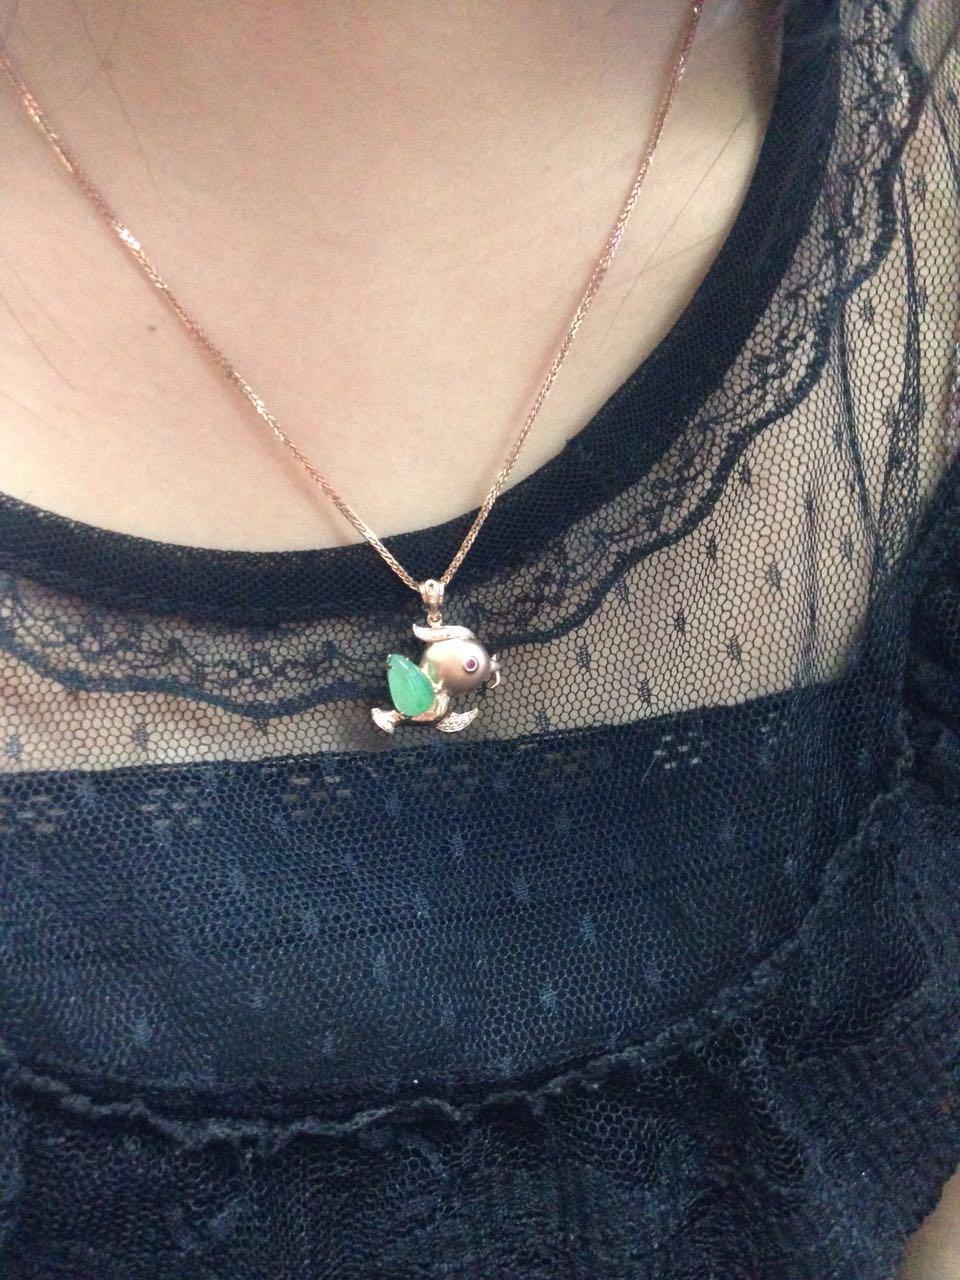 有利珠宝 天然缅甸翡翠A货阳绿小鸟吊坠 18K玫瑰金小鸟吊坠